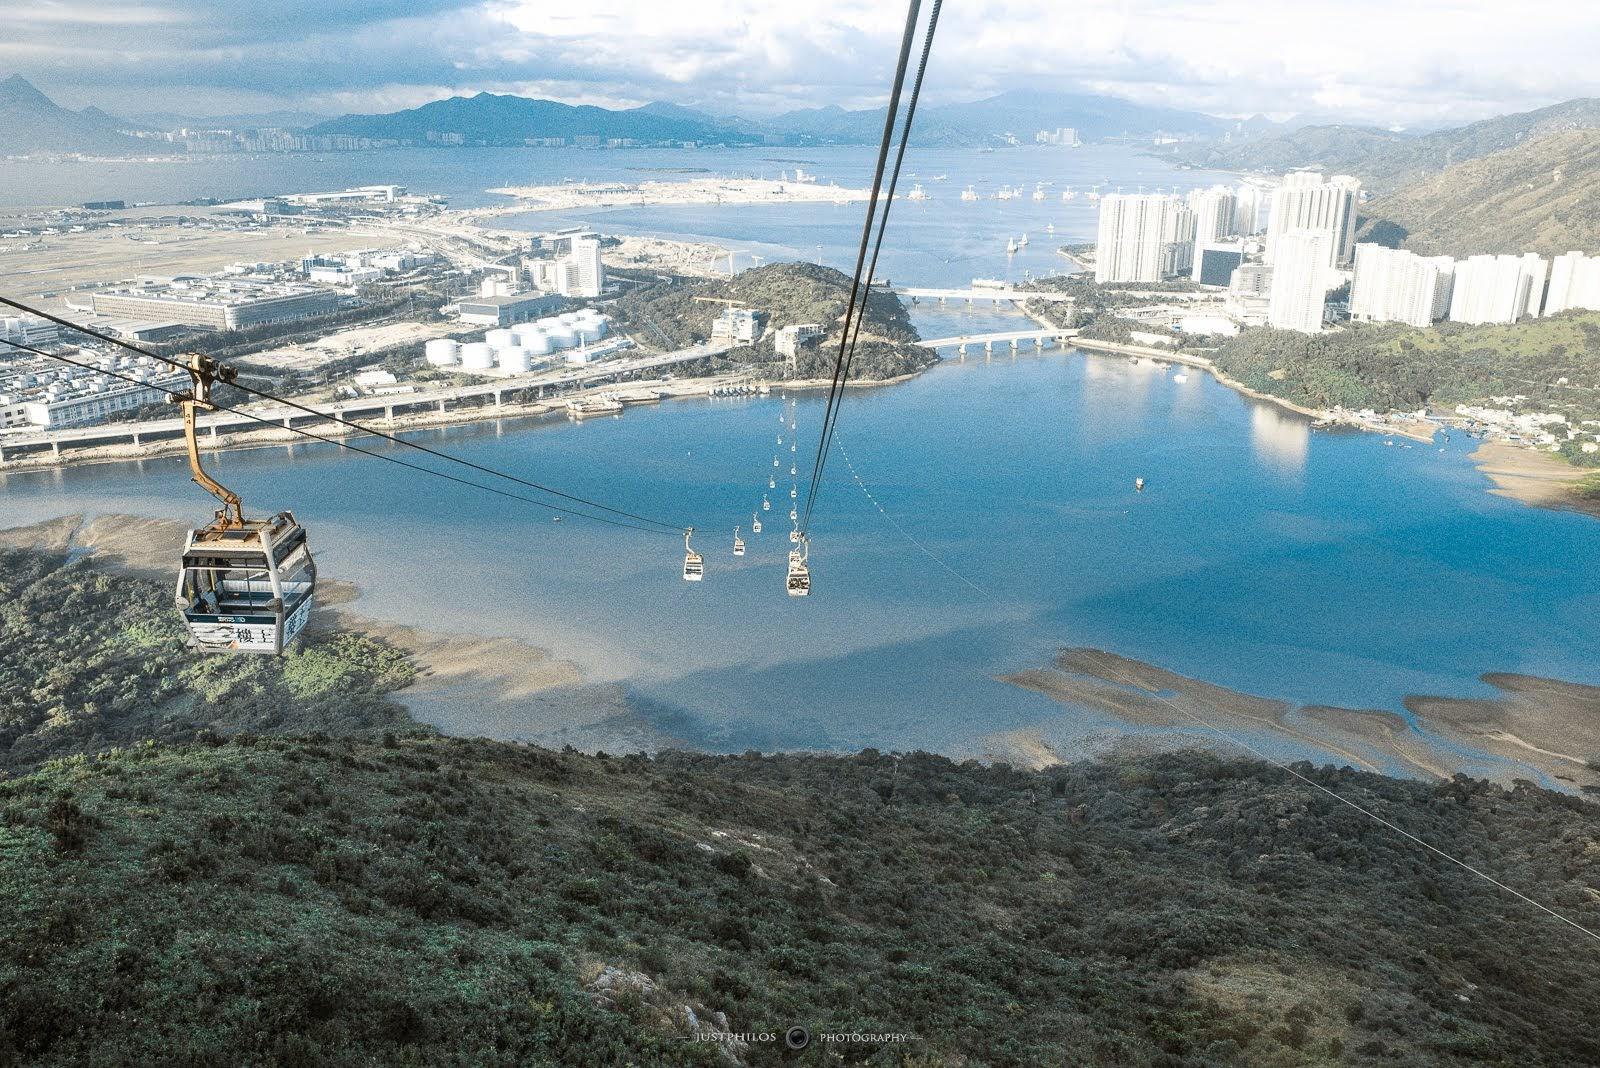 纜車的高低差和跨海的景色讓人非常的震撼。